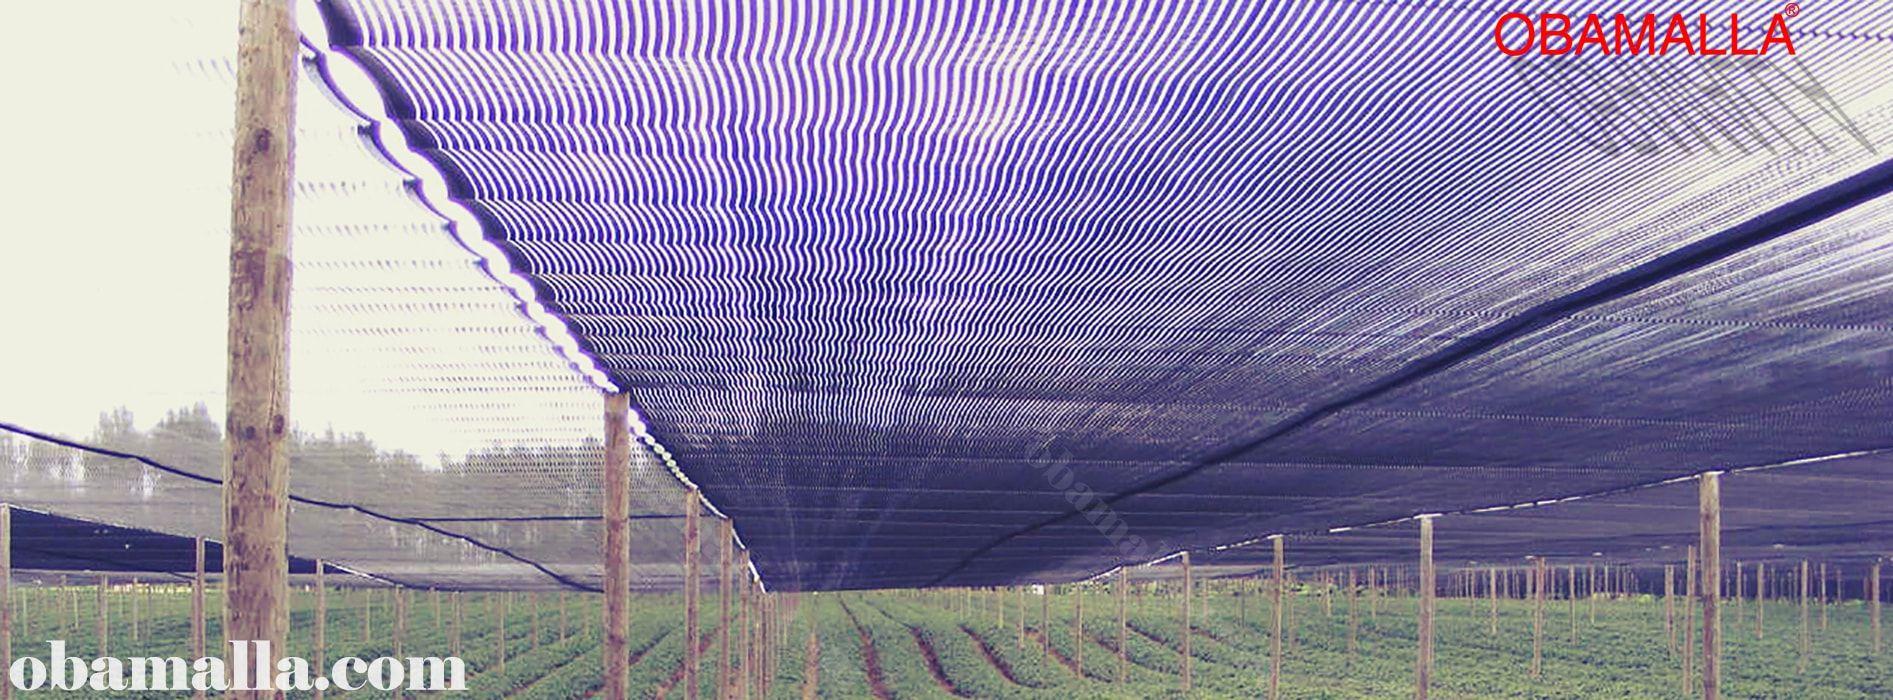 red de sombreado instalada en campo para protección contra los rayos del sol.